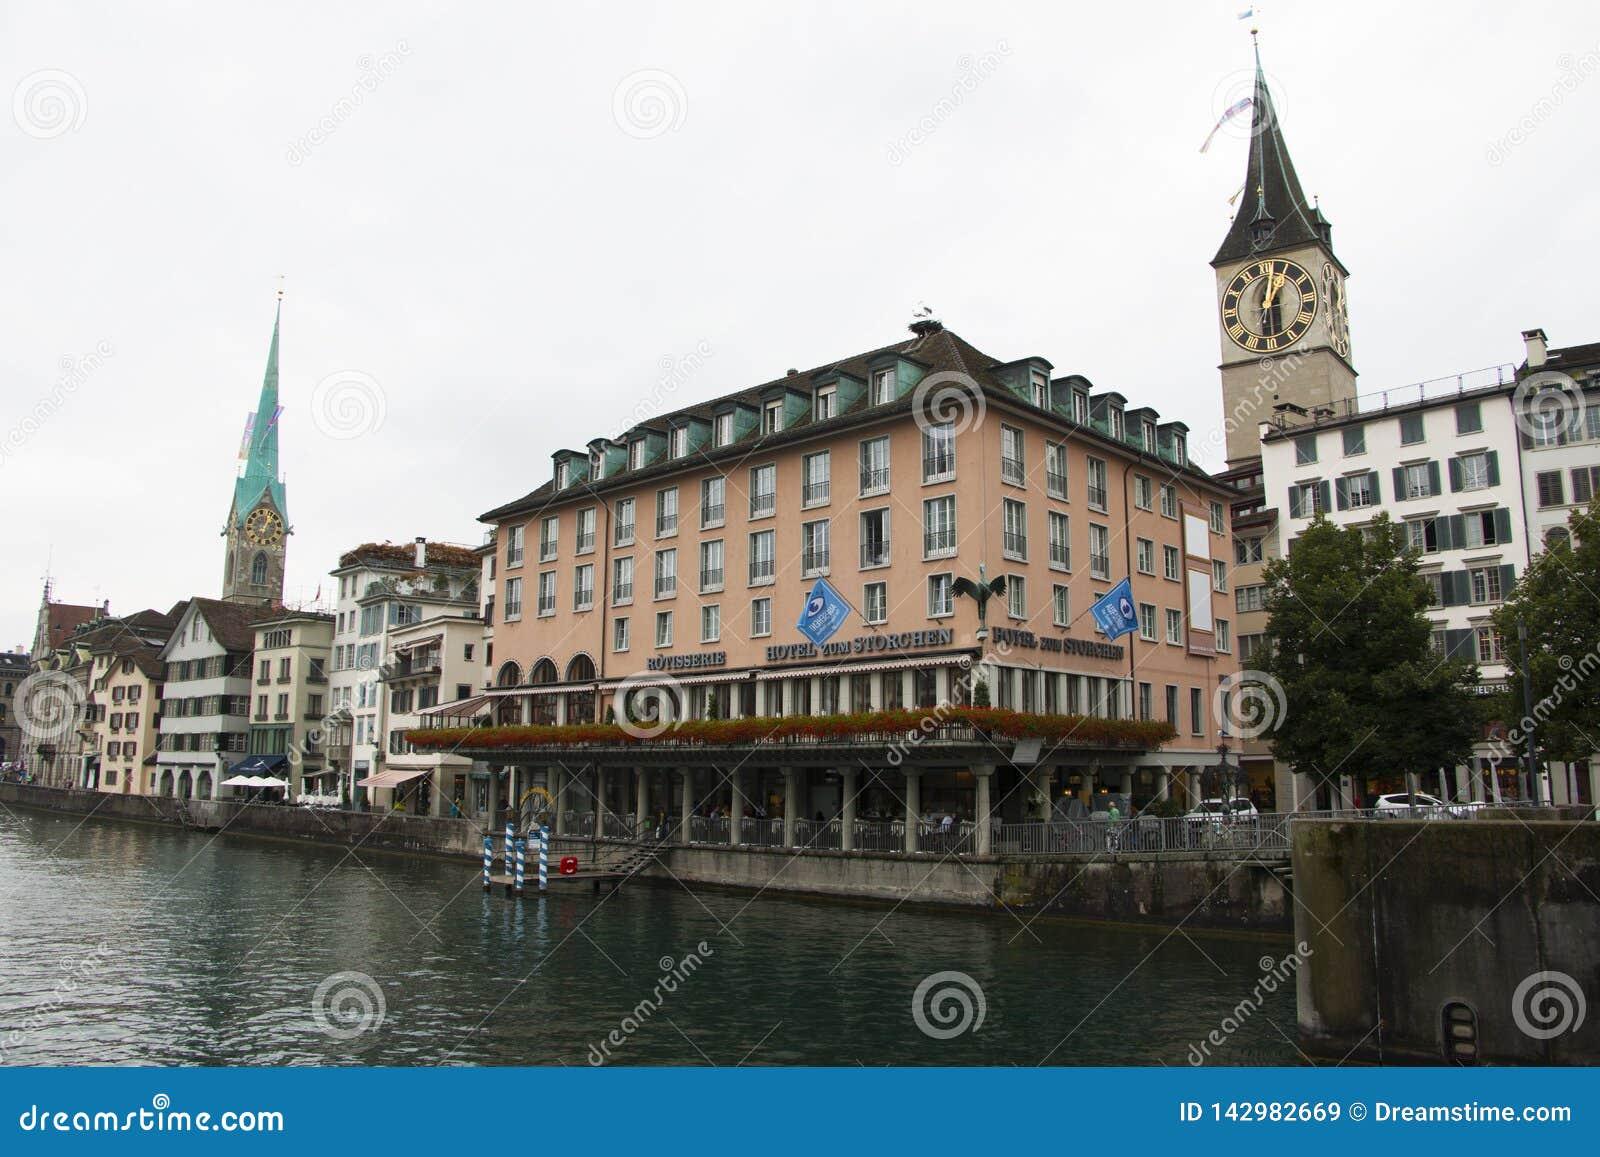 Banco de igualación maravilloso del río de Zurich